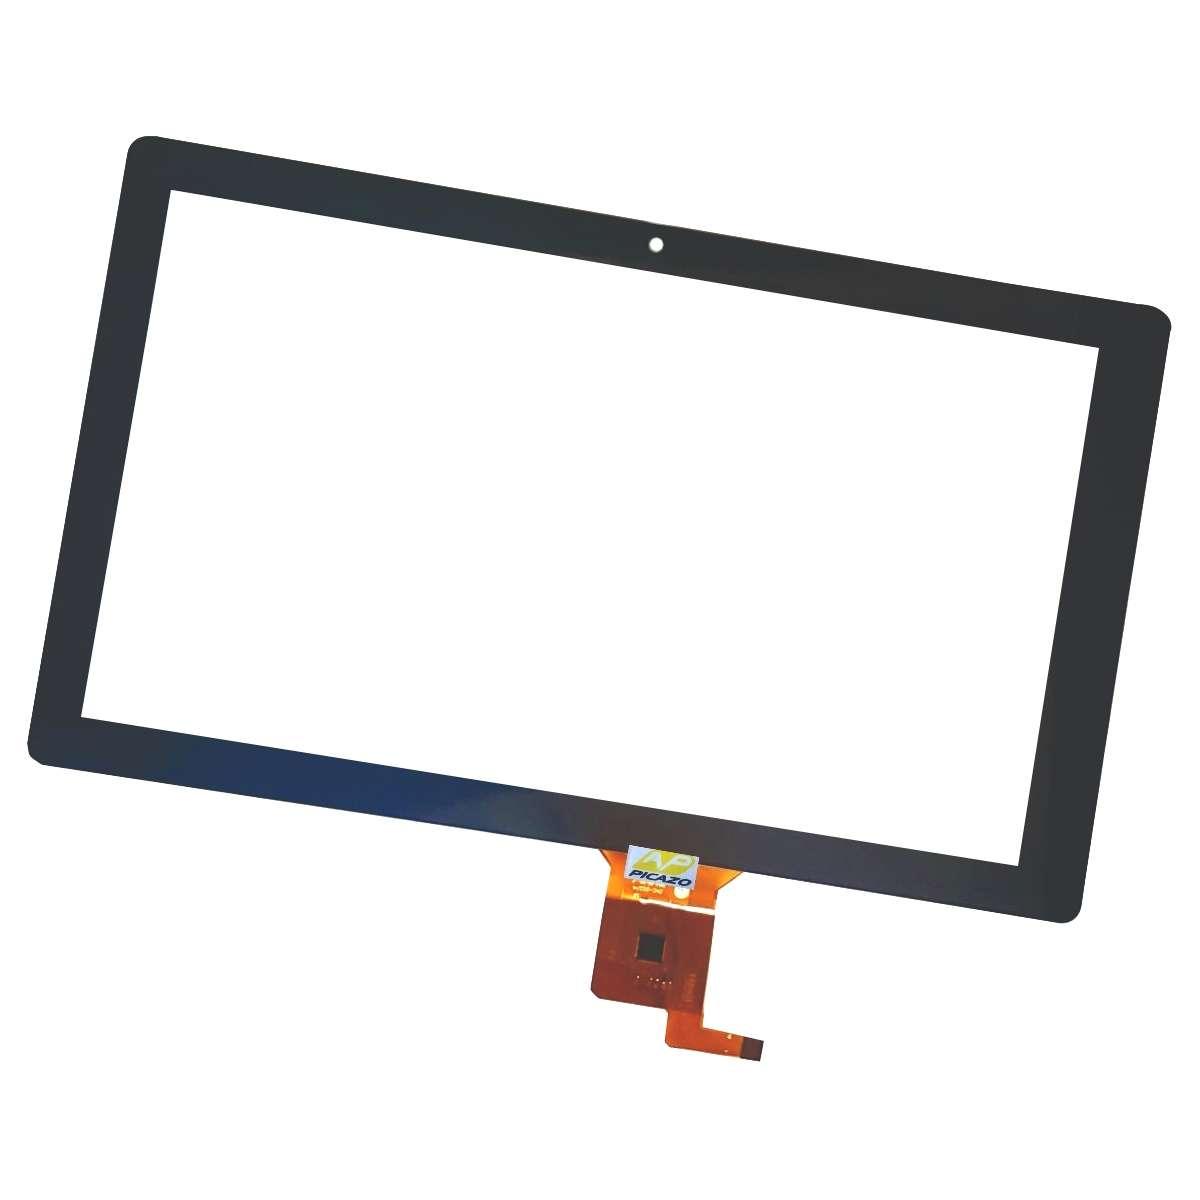 Touchscreen Digitizer GoClever Terra 10.1 Geam Sticla Tableta imagine powerlaptop.ro 2021